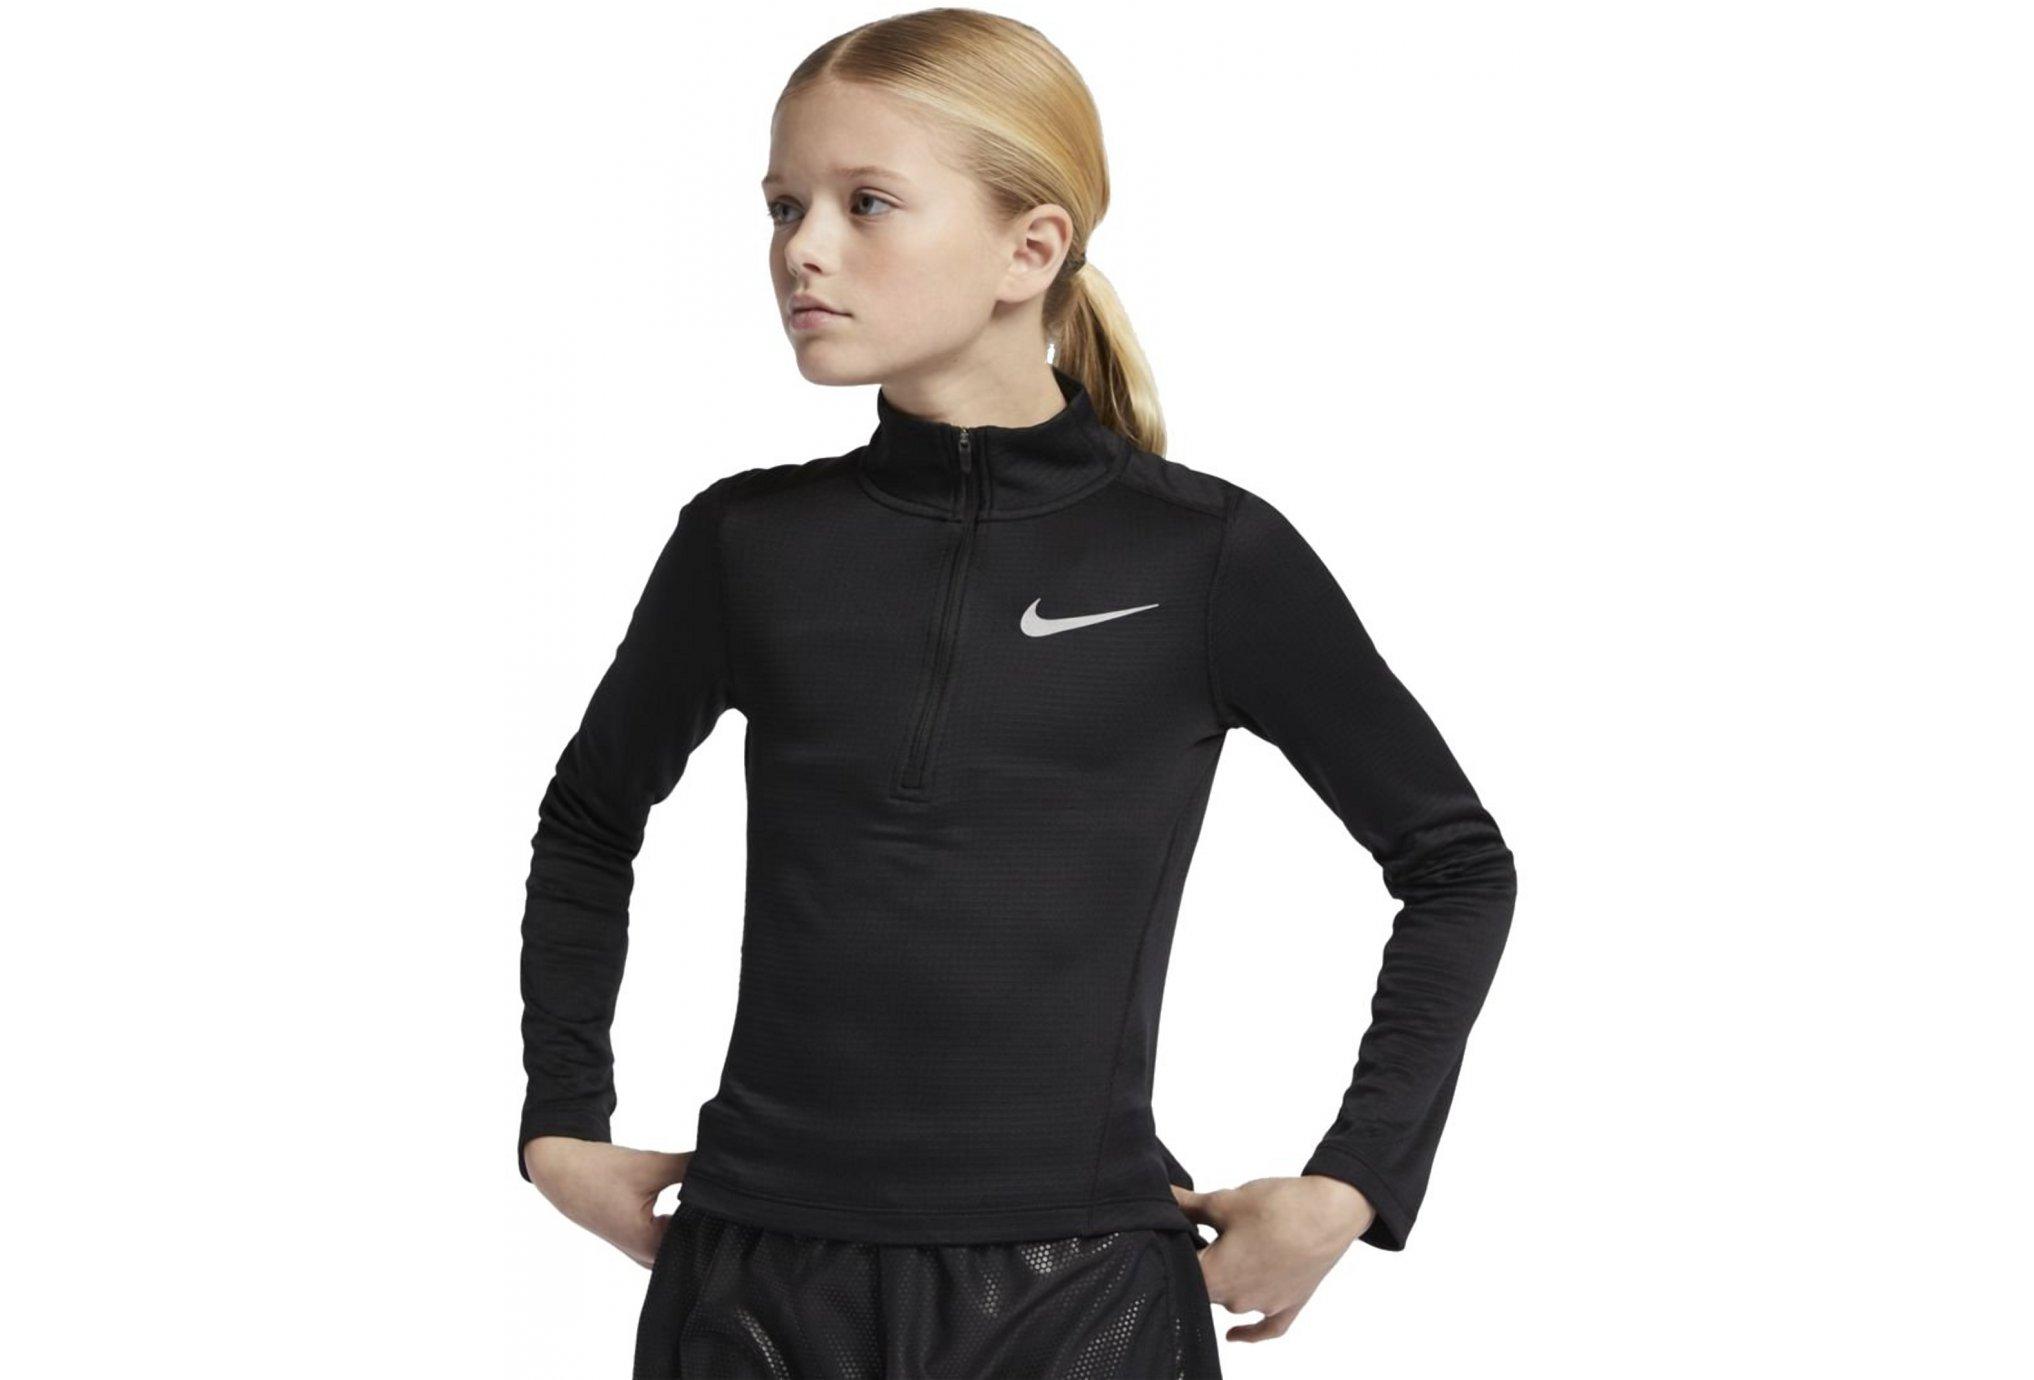 Nike Run 1/2 zip Fille vêtement running femme